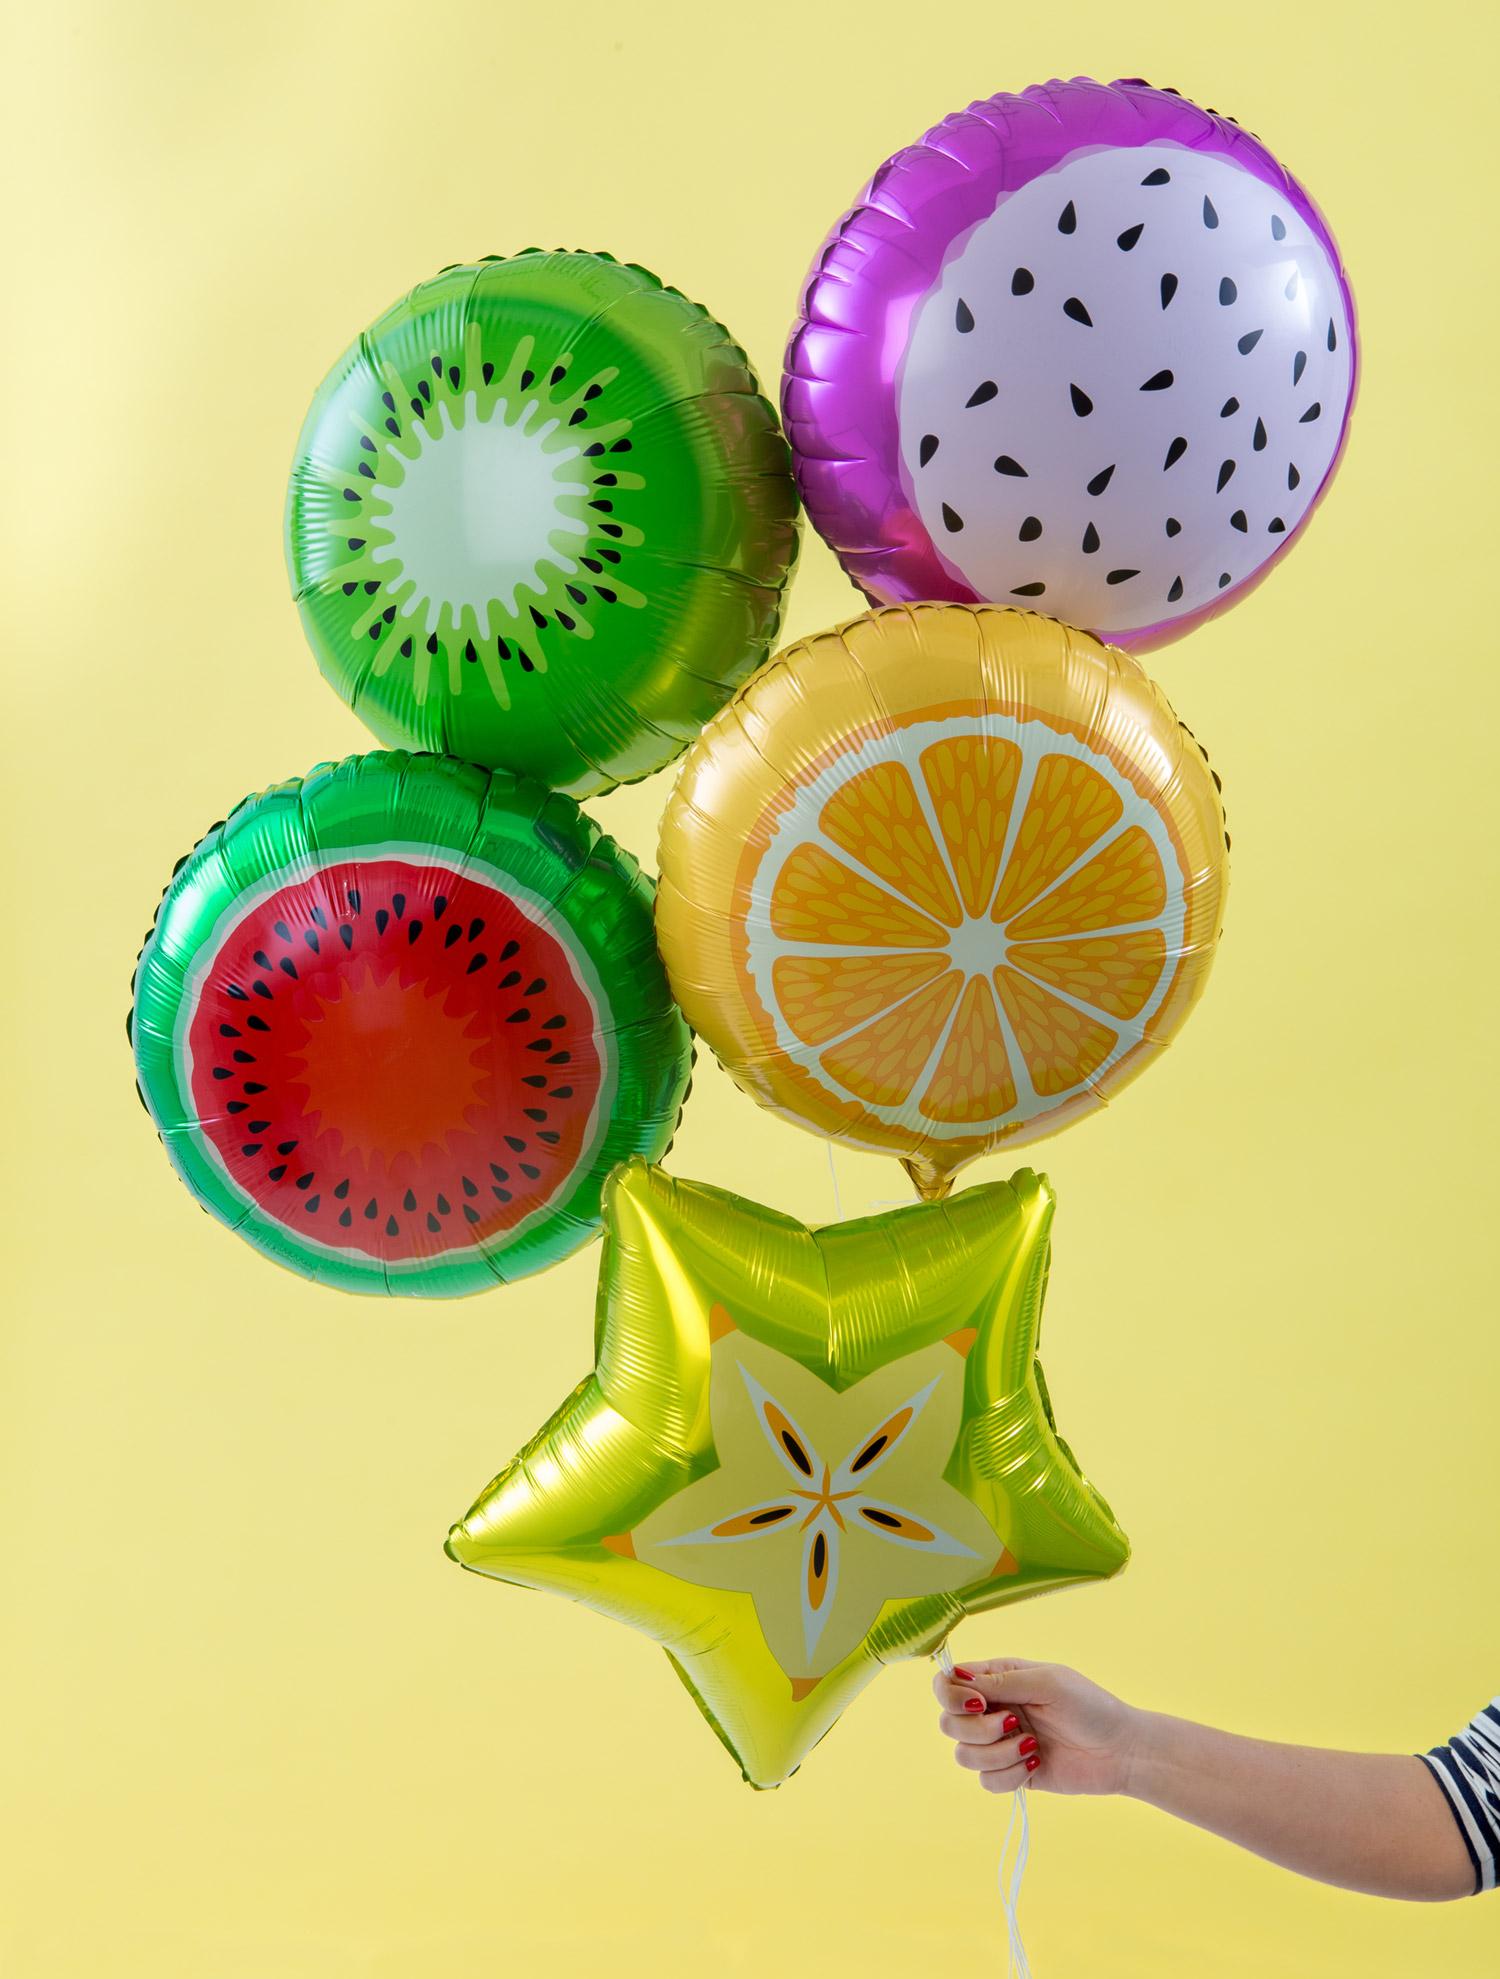 Vitaminfull fruktklase av fruktballonger